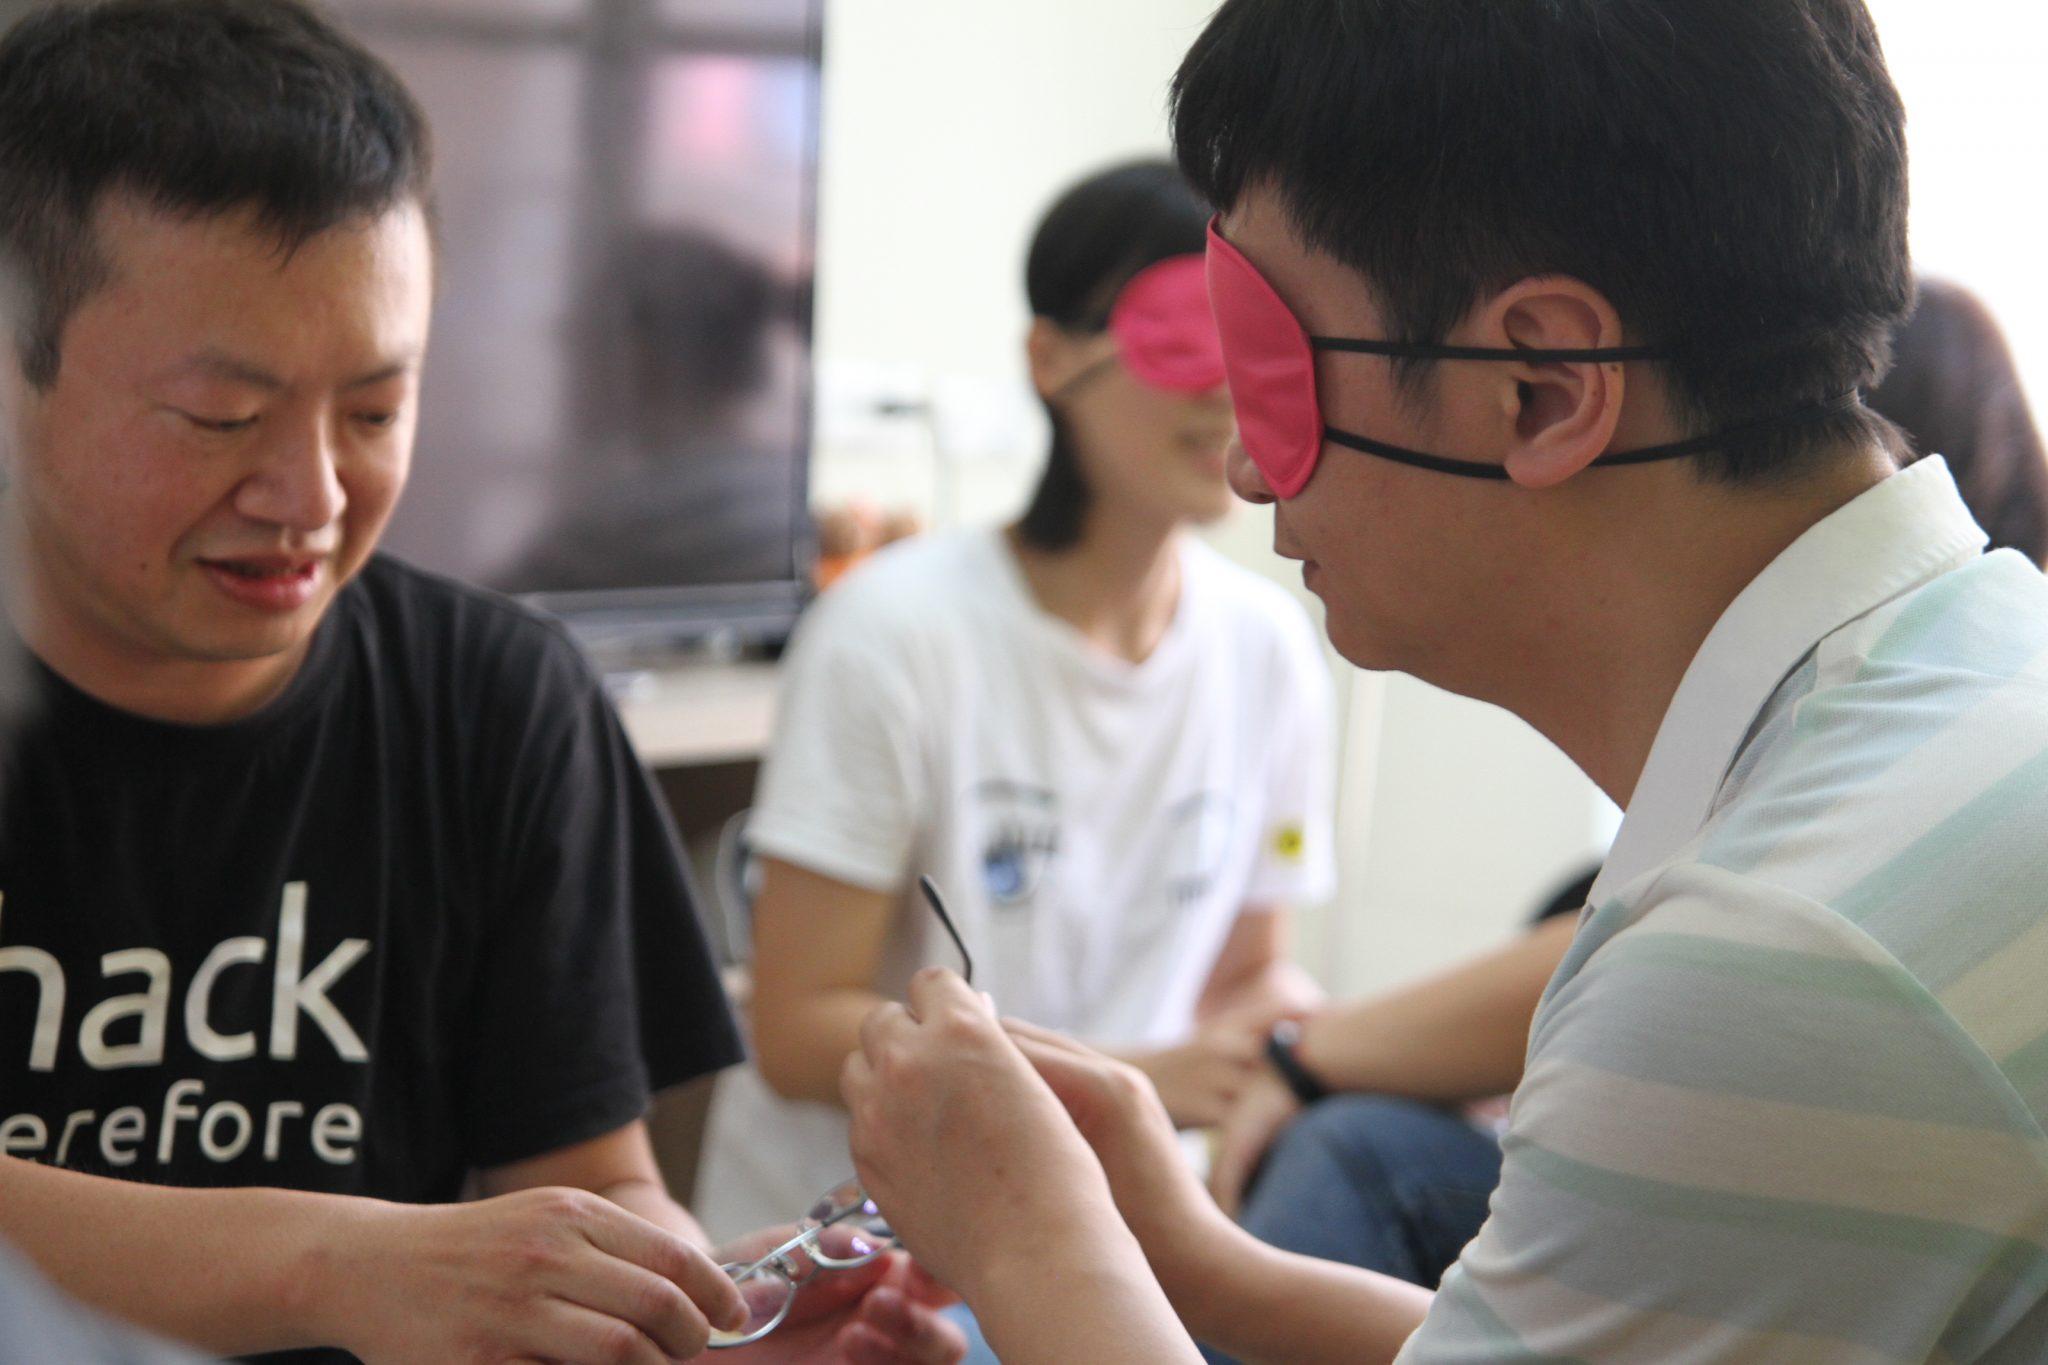 戴著眼罩的學員正在用非視覺的方式觀察另一位學員